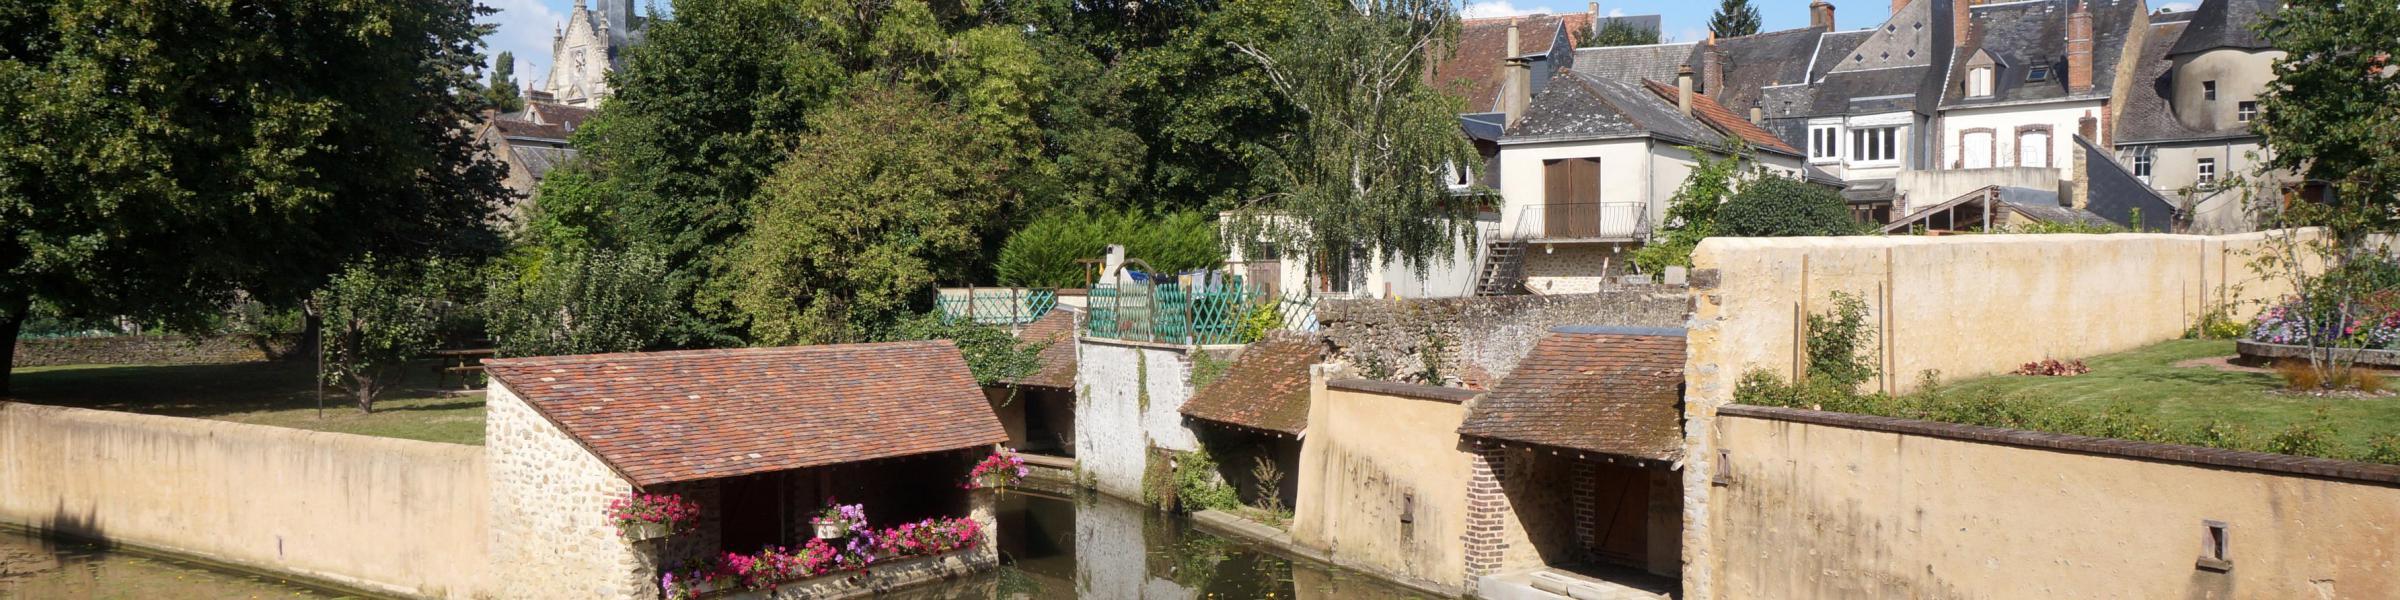 Le charme d'une Petite Cité de Caractère - Pour une vie tranquille et paisible -